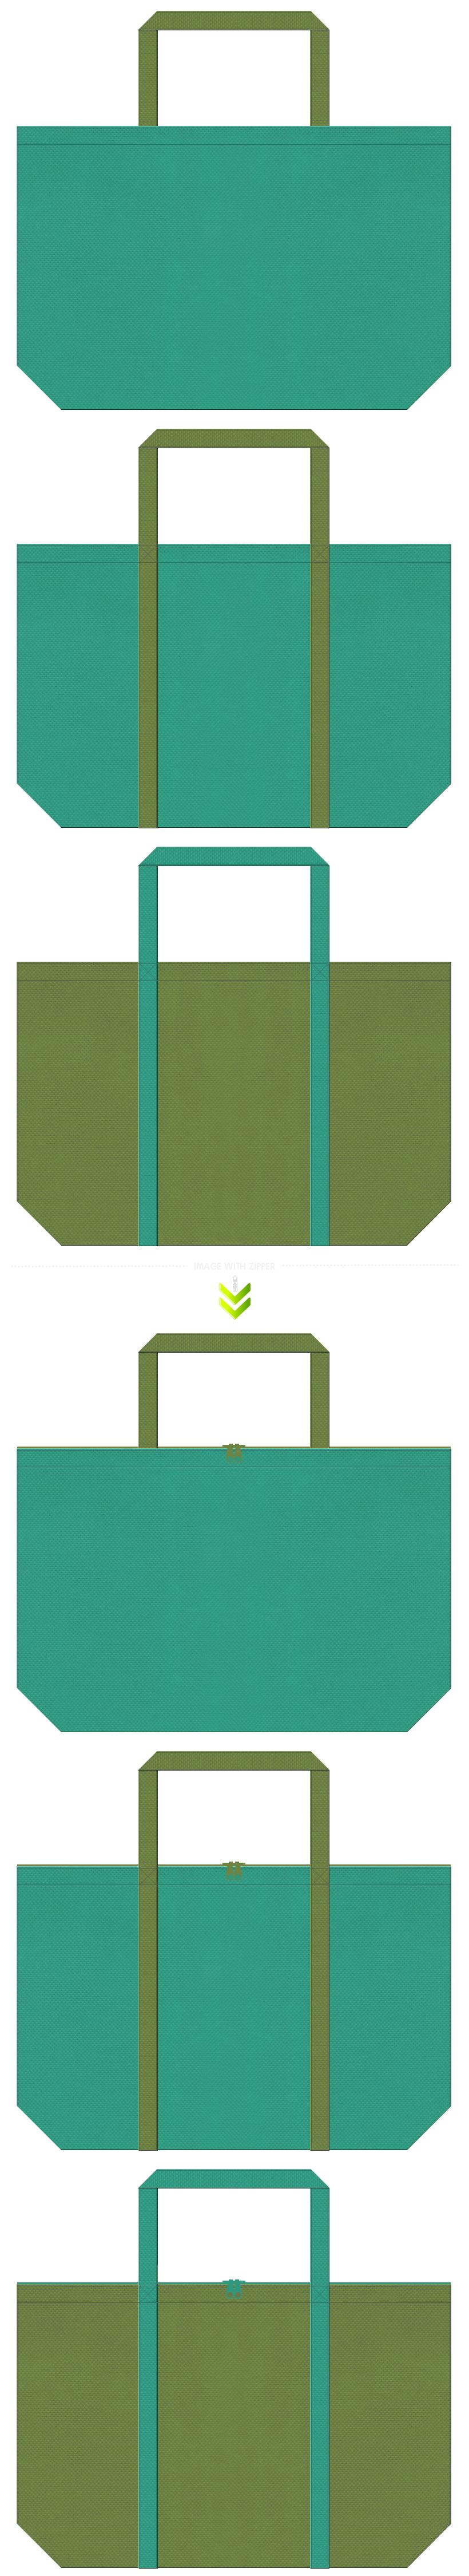 青緑色と草色の不織布エコバッグのデザイン。